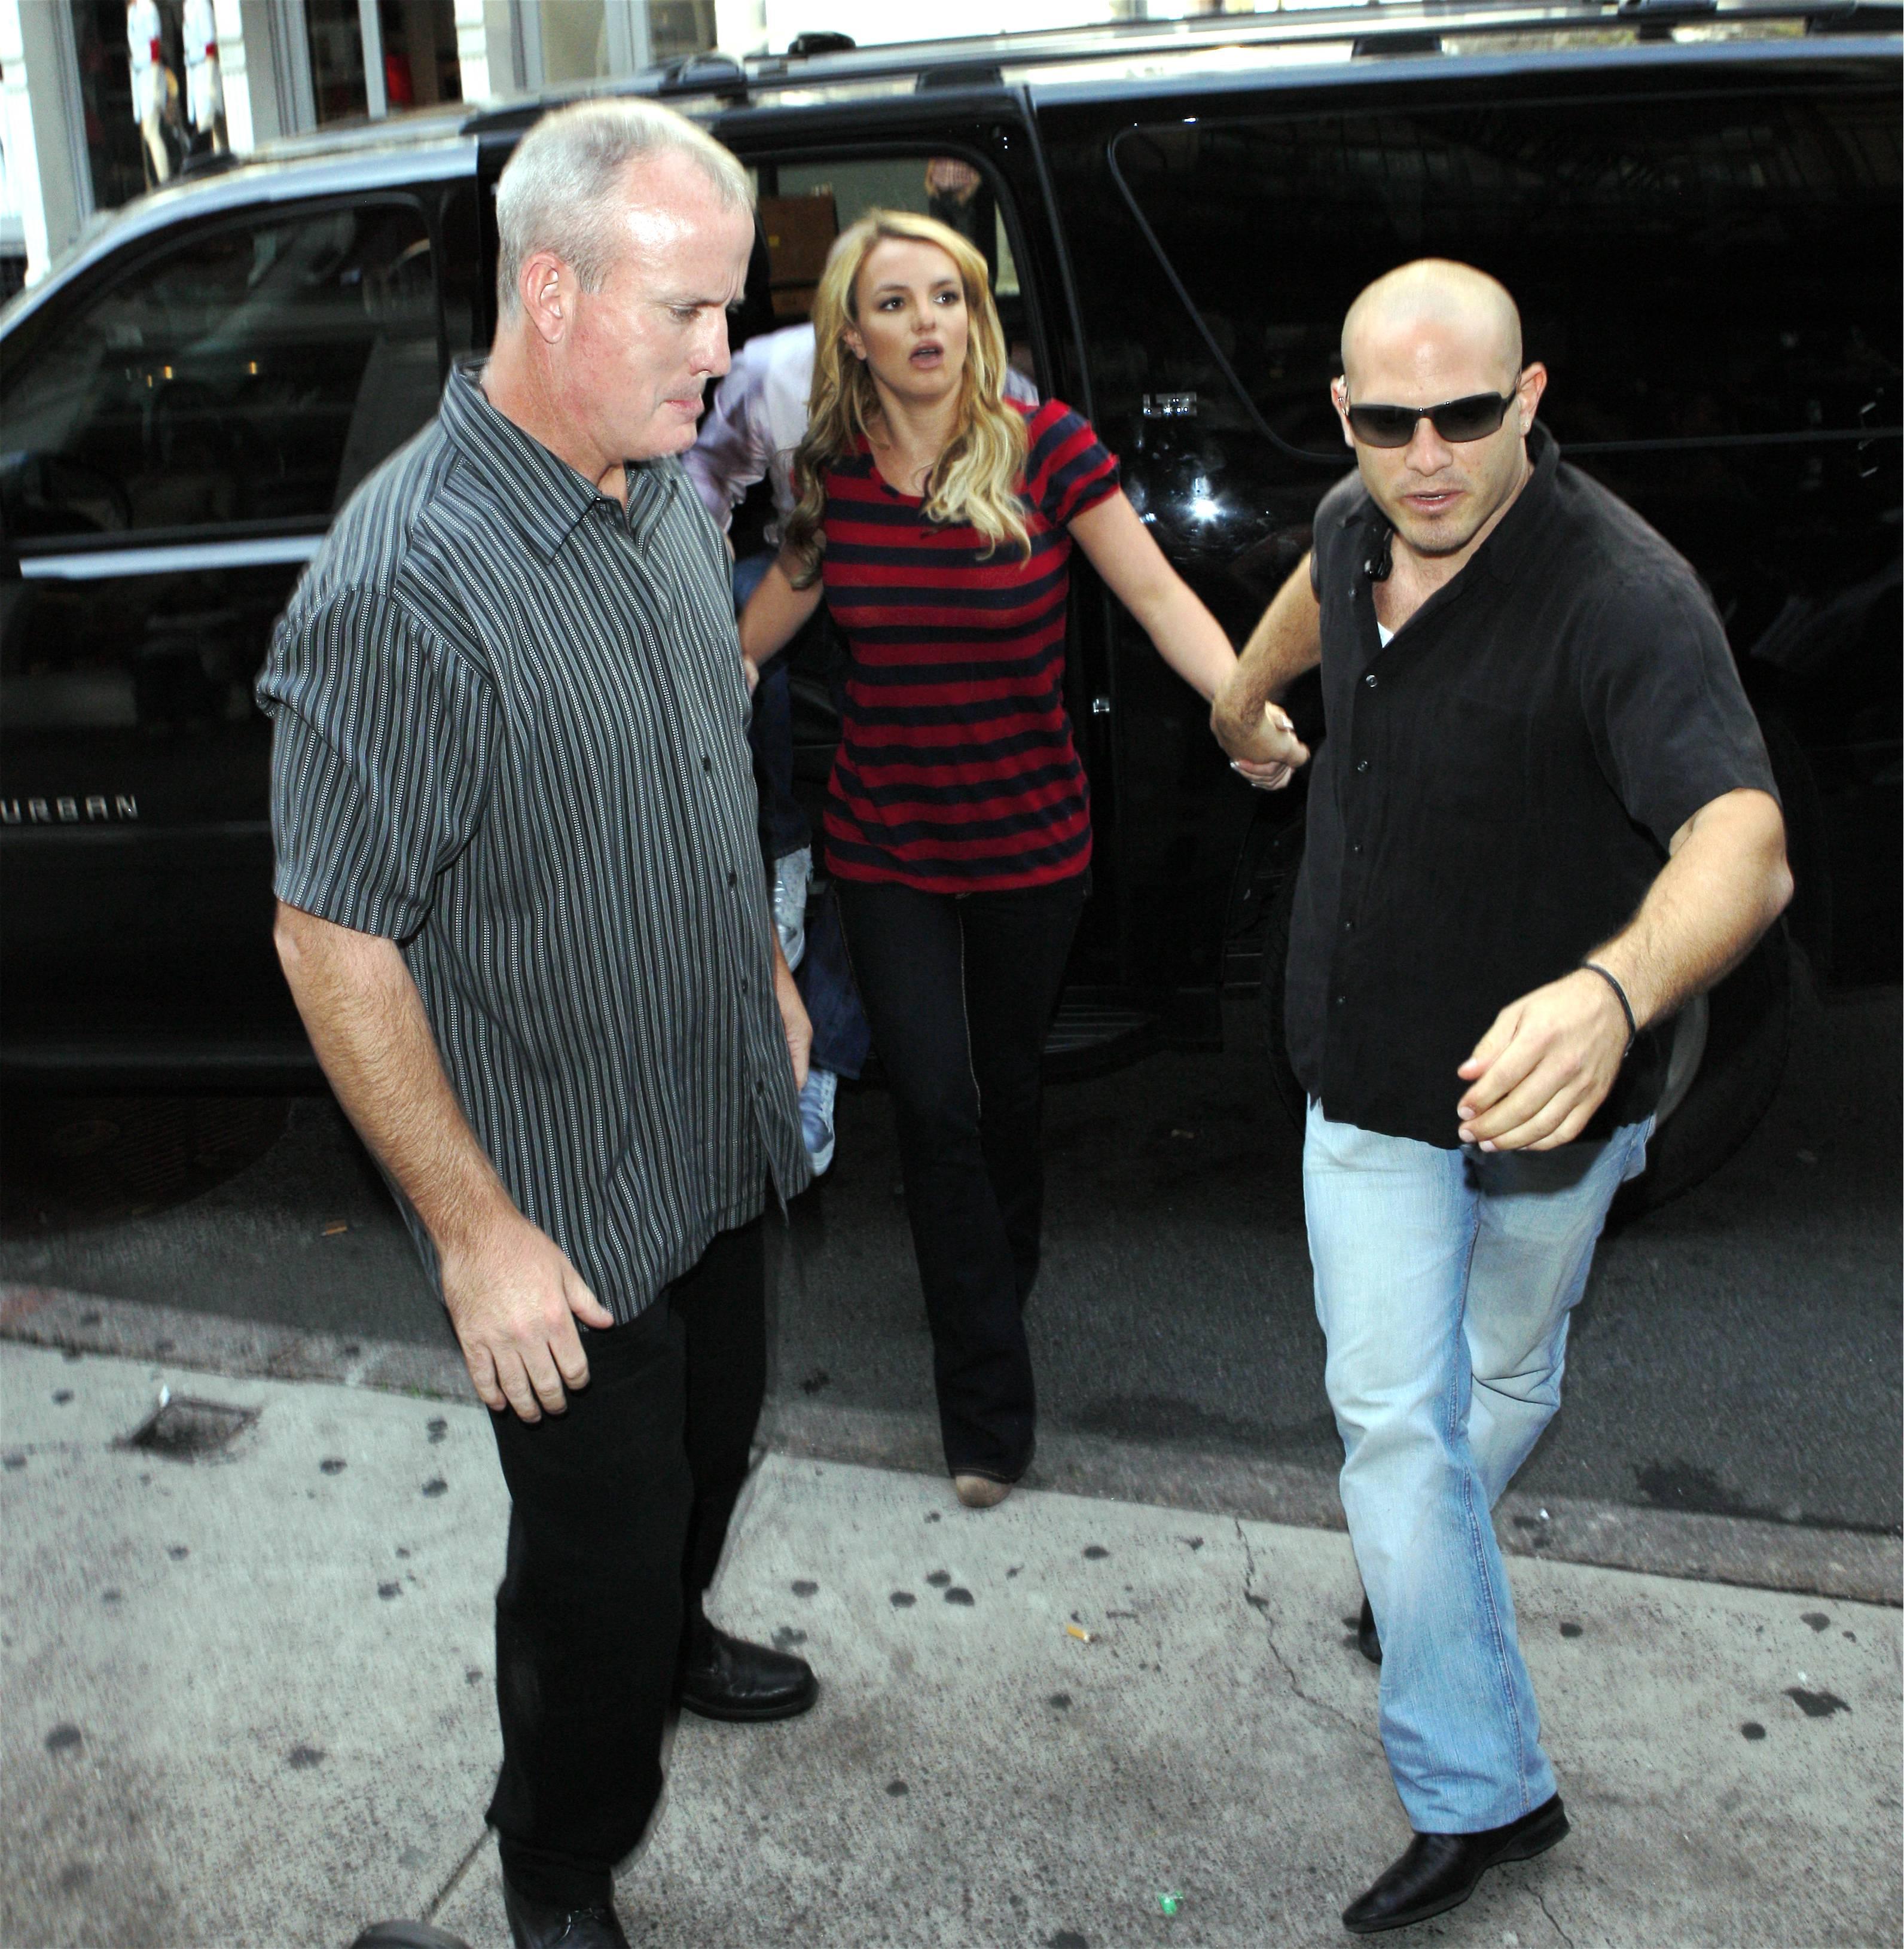 07144_Celebutopia-Britney_Spears_shopping_in_Soho-07_122_28lo.jpg